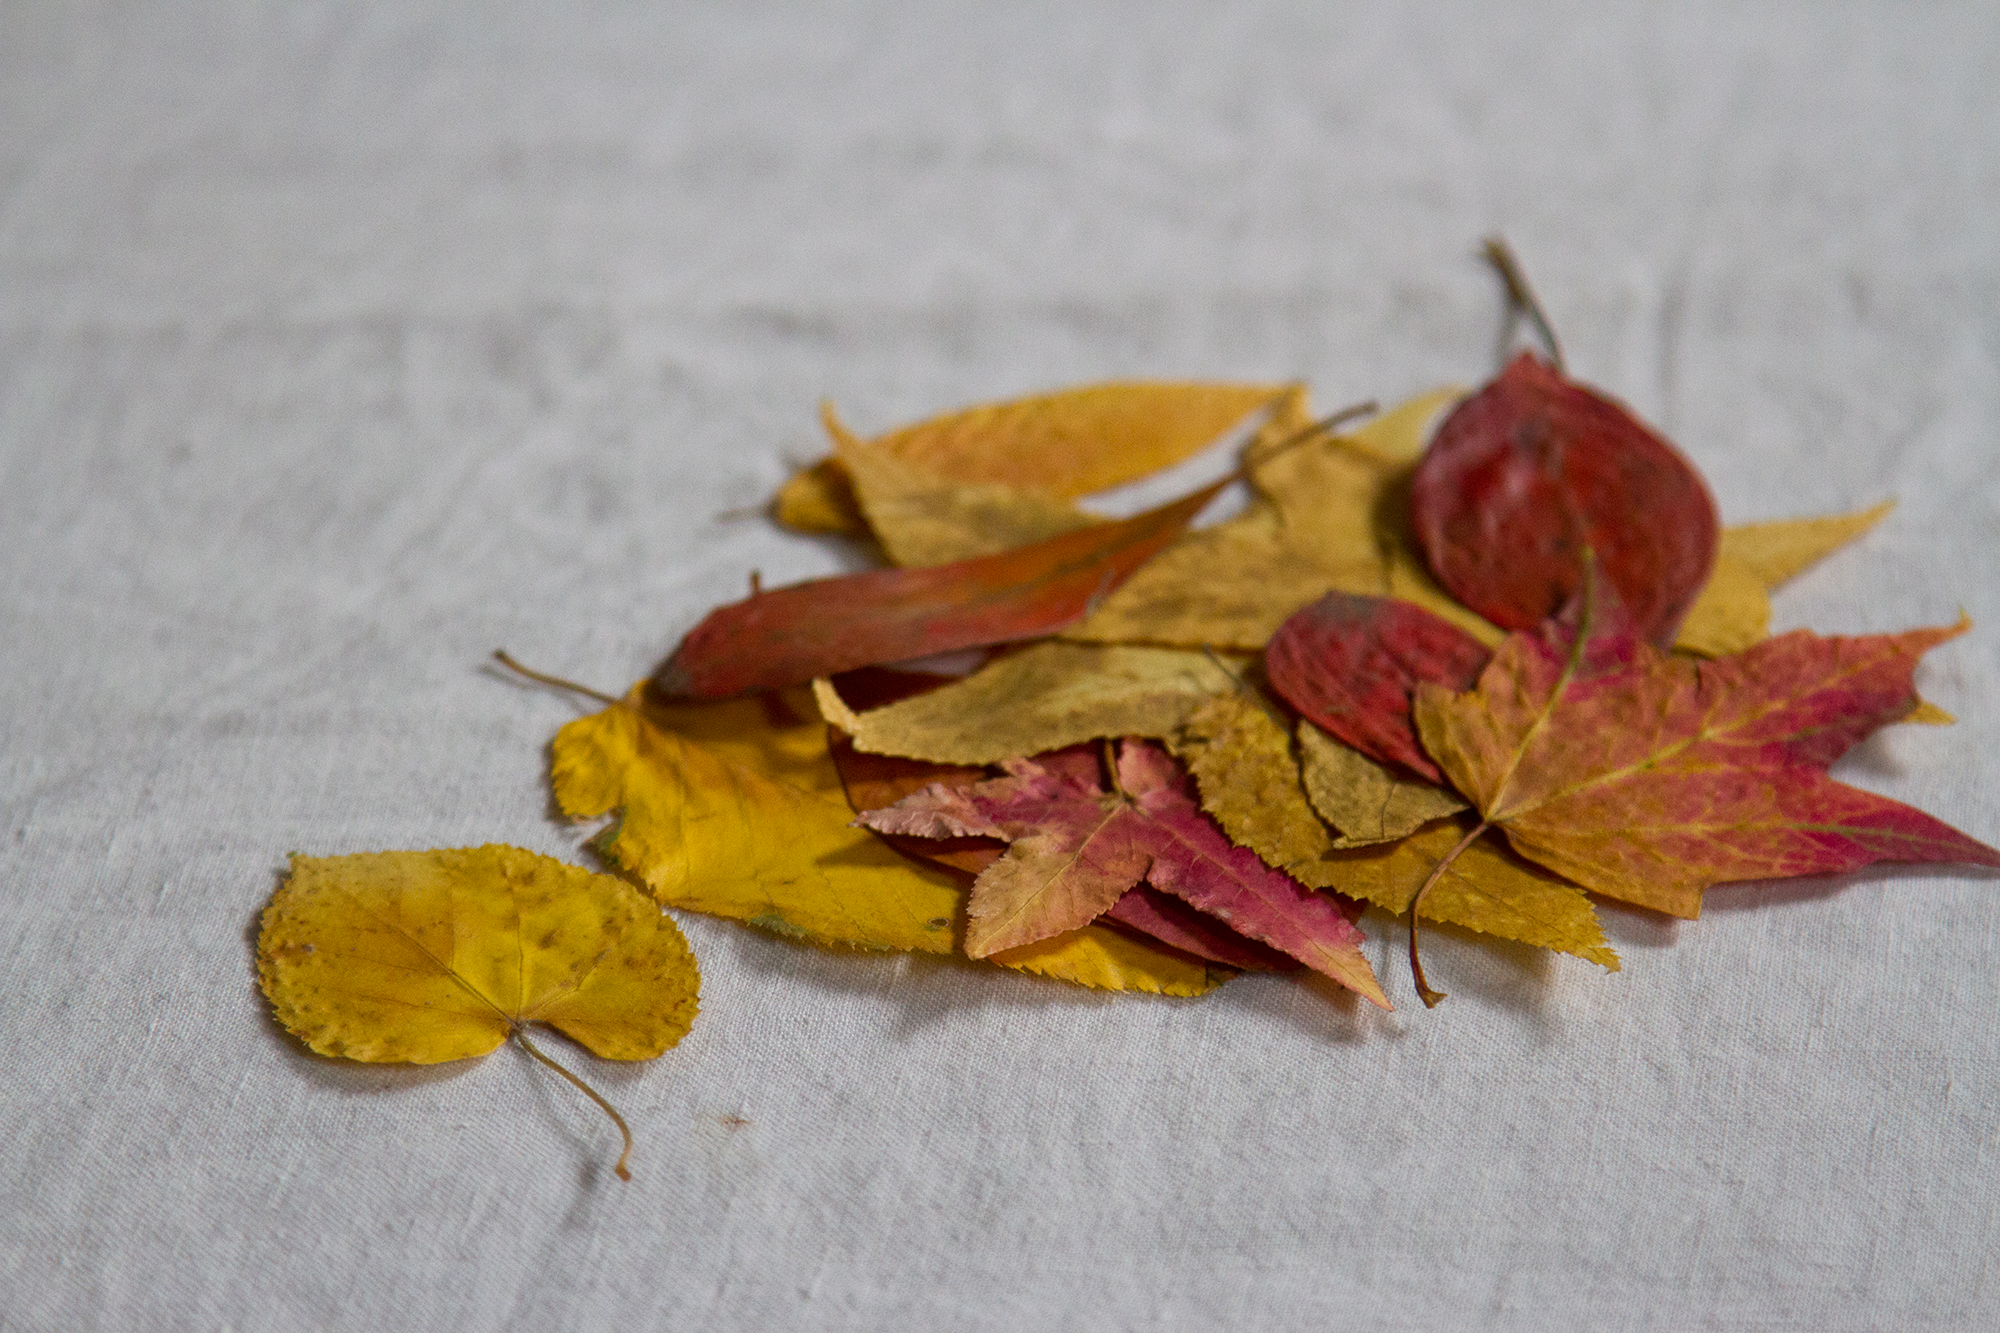 leaves_reading_my_tea_leaves_img_4177